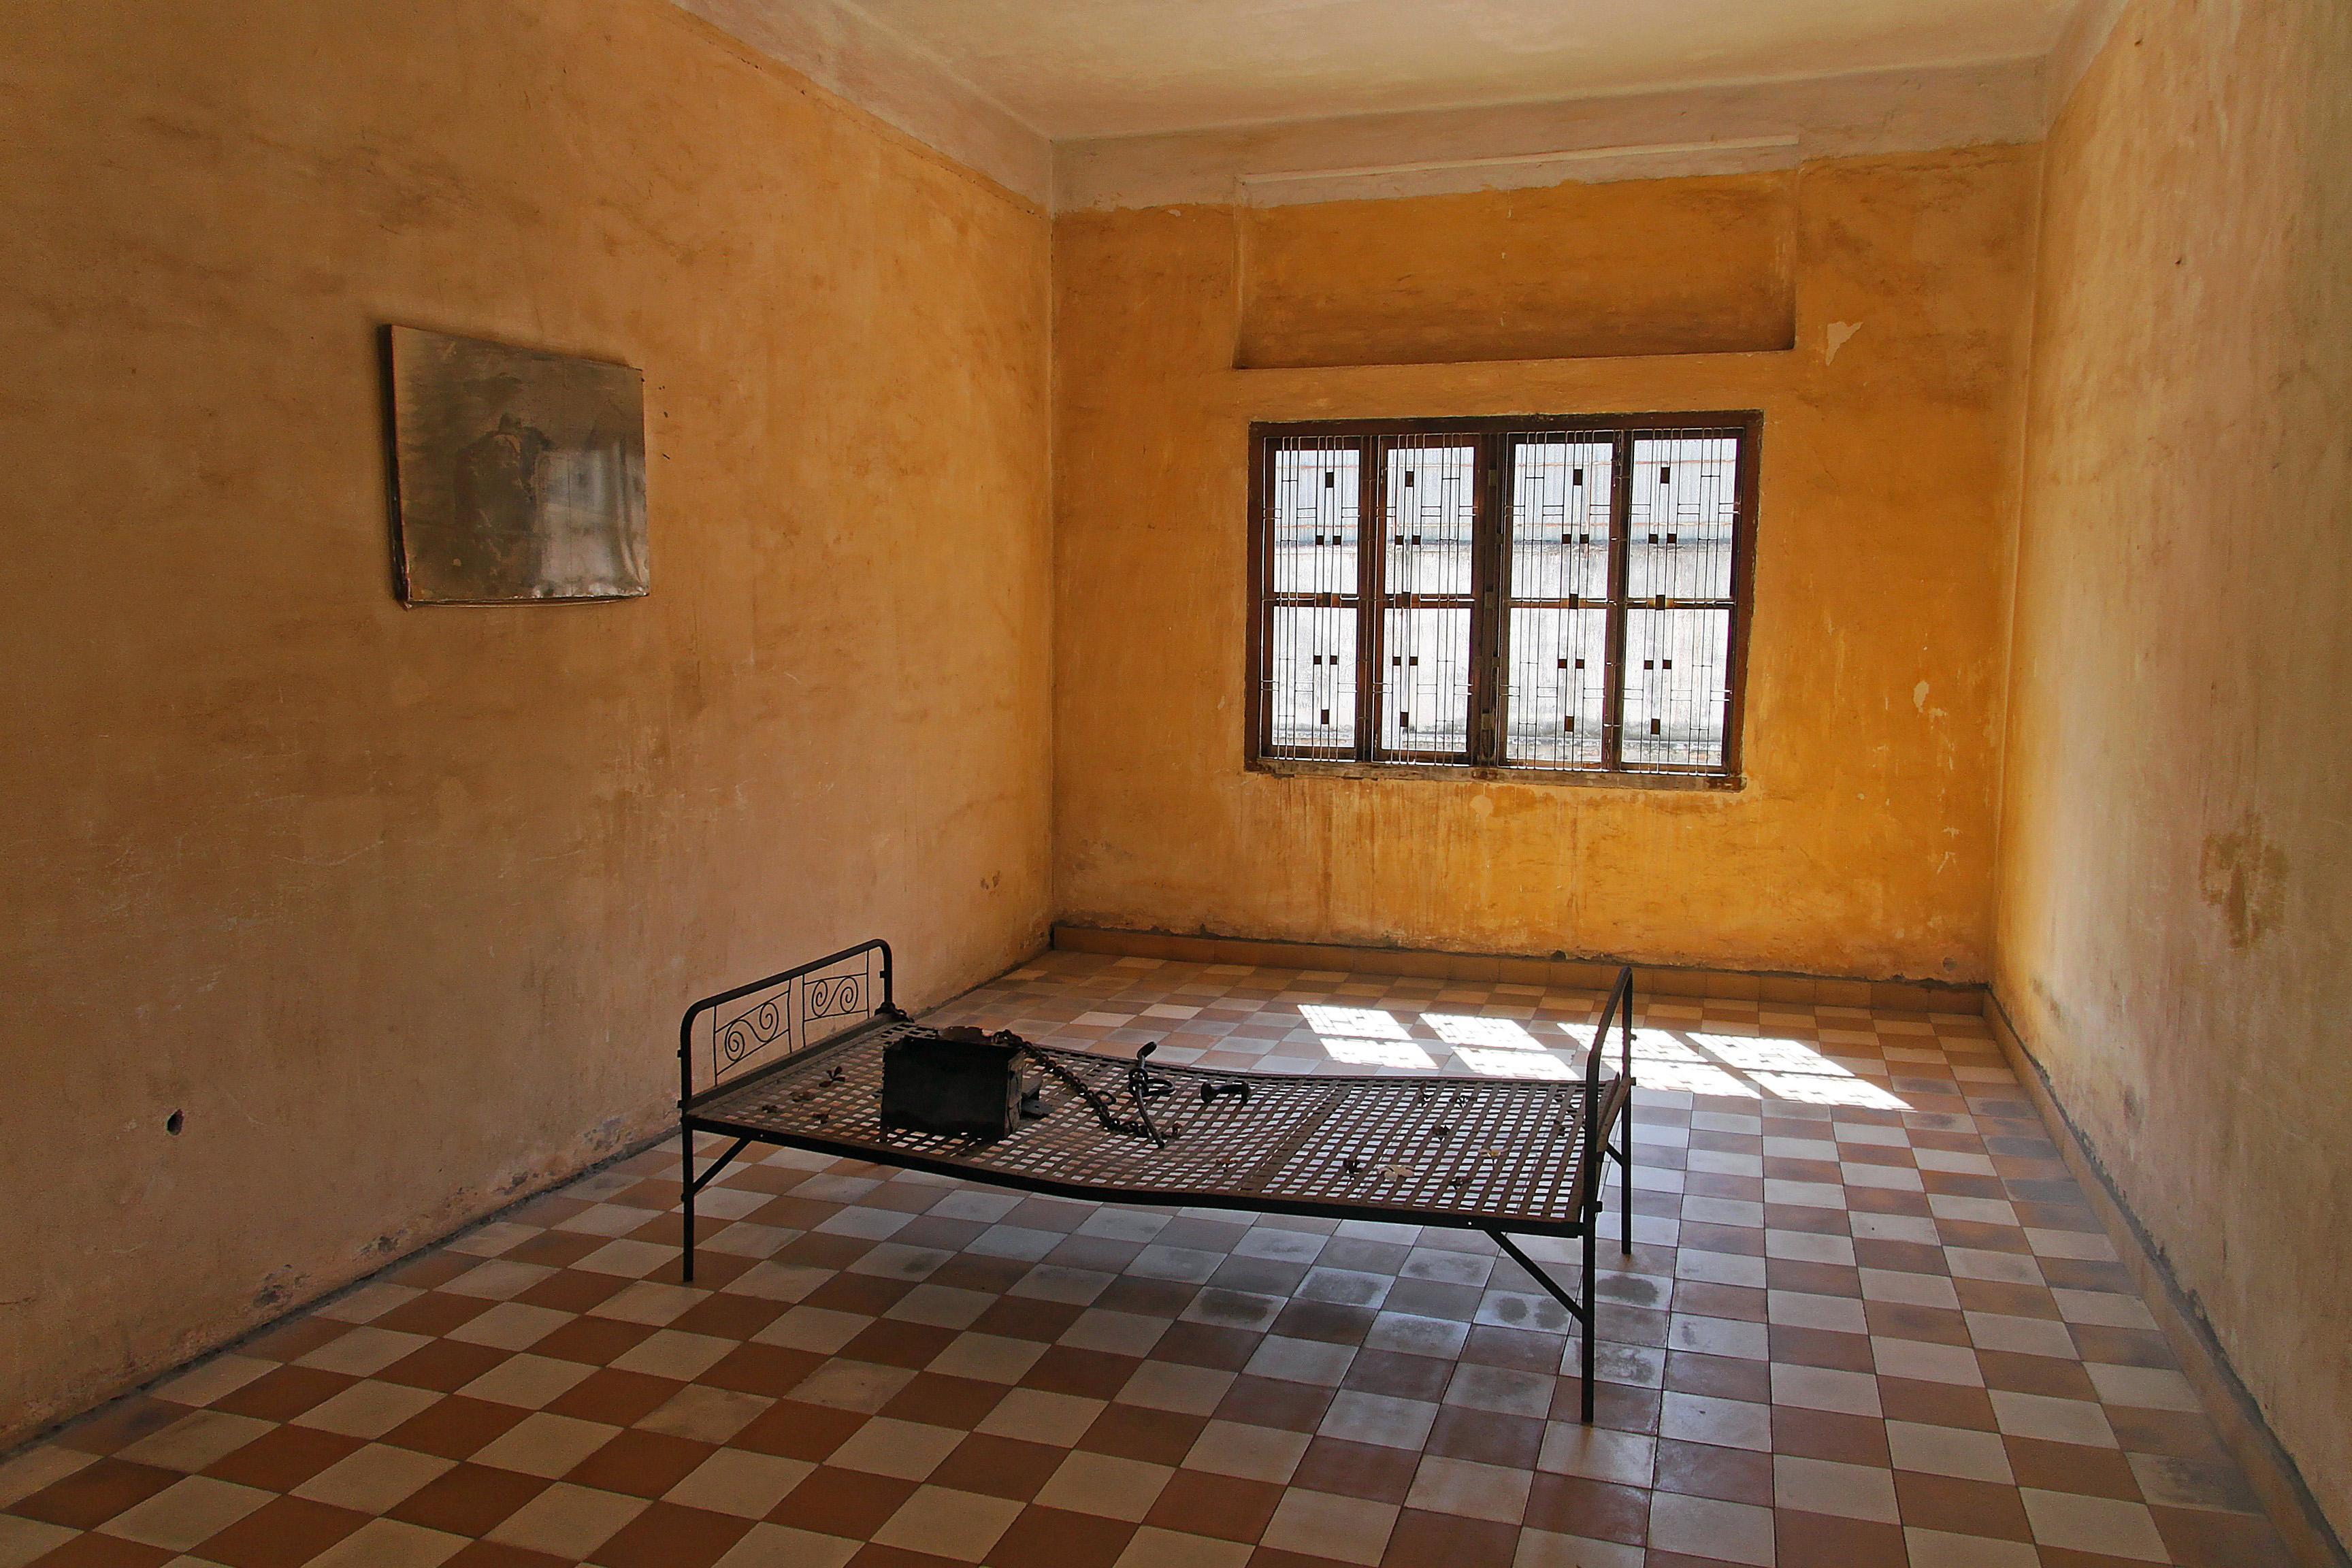 """Folterkammer in Tuol Sleng, einer ehemaligen Schule in Phnom Penh, die von den Roten Khmer zu einem """"Umerziehungslager"""" umfunktioniert wurde. Von den etwa 20.000 Gefangenen haben nur sechs oder sieben überlebt. Heute ist Tuol Sleng ein Museum und Mahnmal gegen den Genozid."""